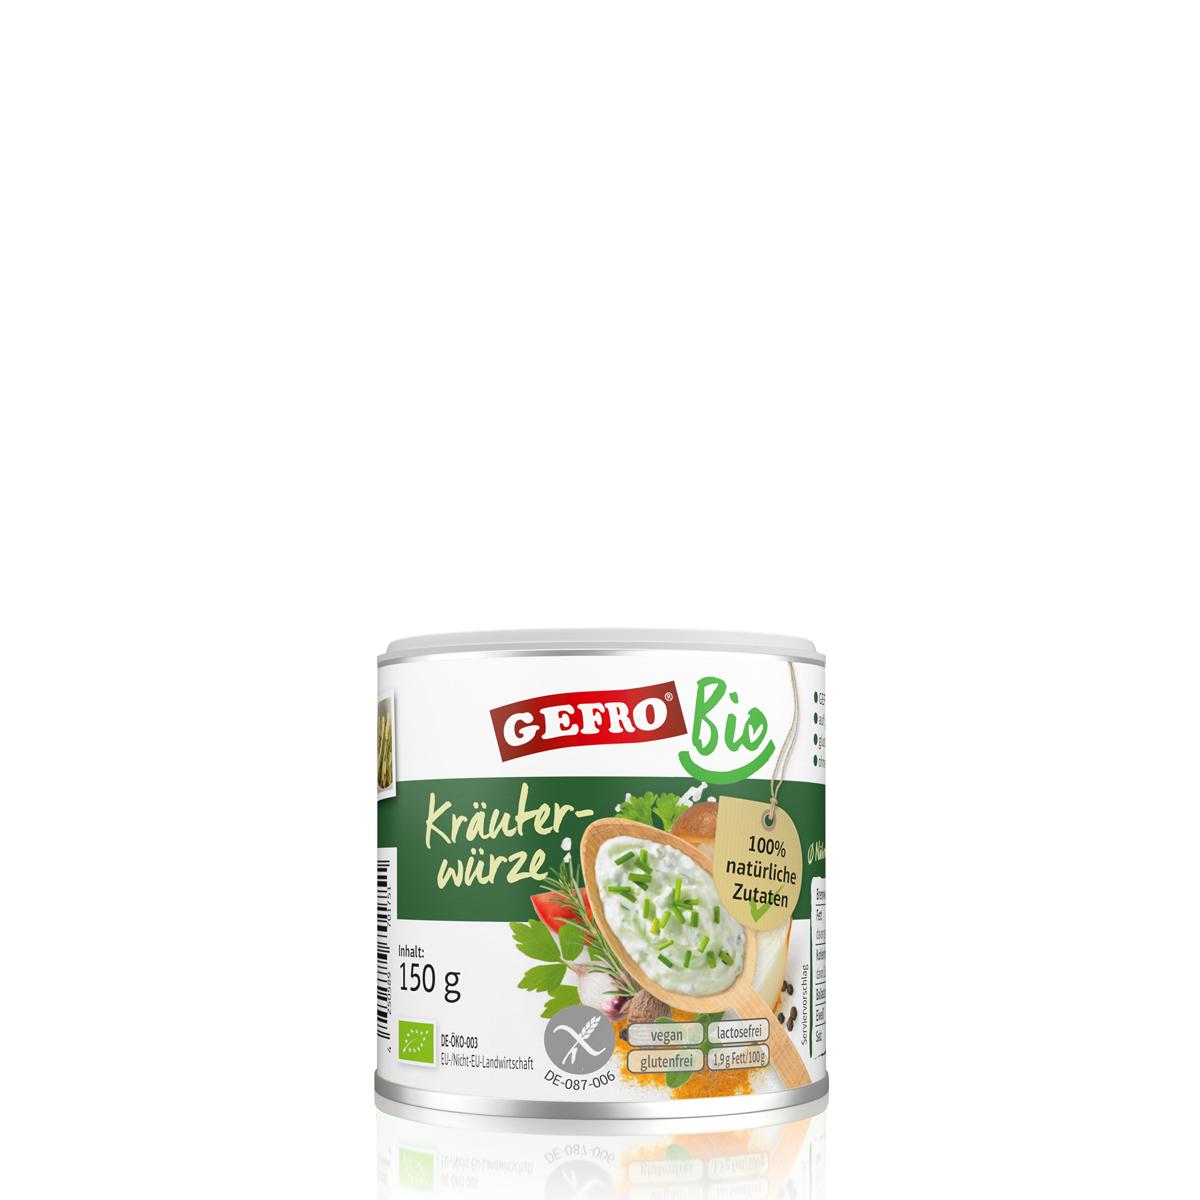 Kräutergewürz Leckere Bio Kräuterwürze Gefro